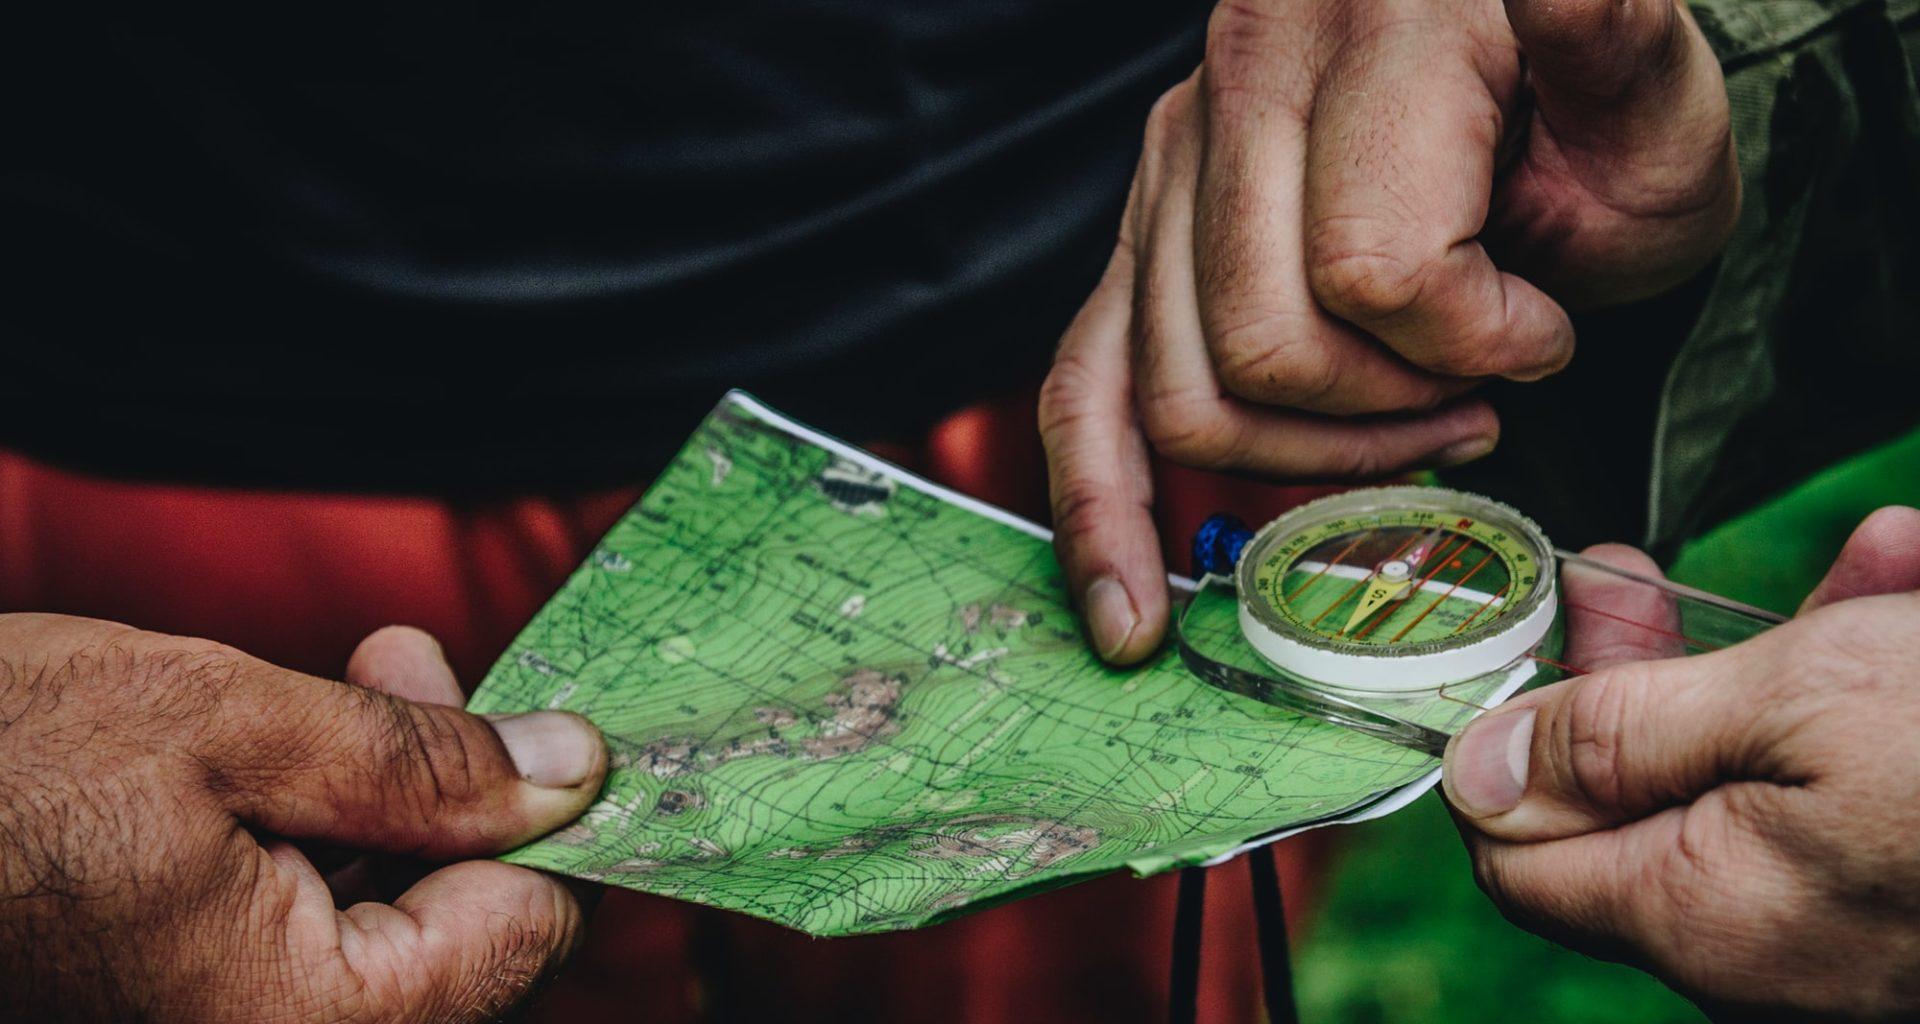 Топографический гуру: 10 вопросов картографу от новичка